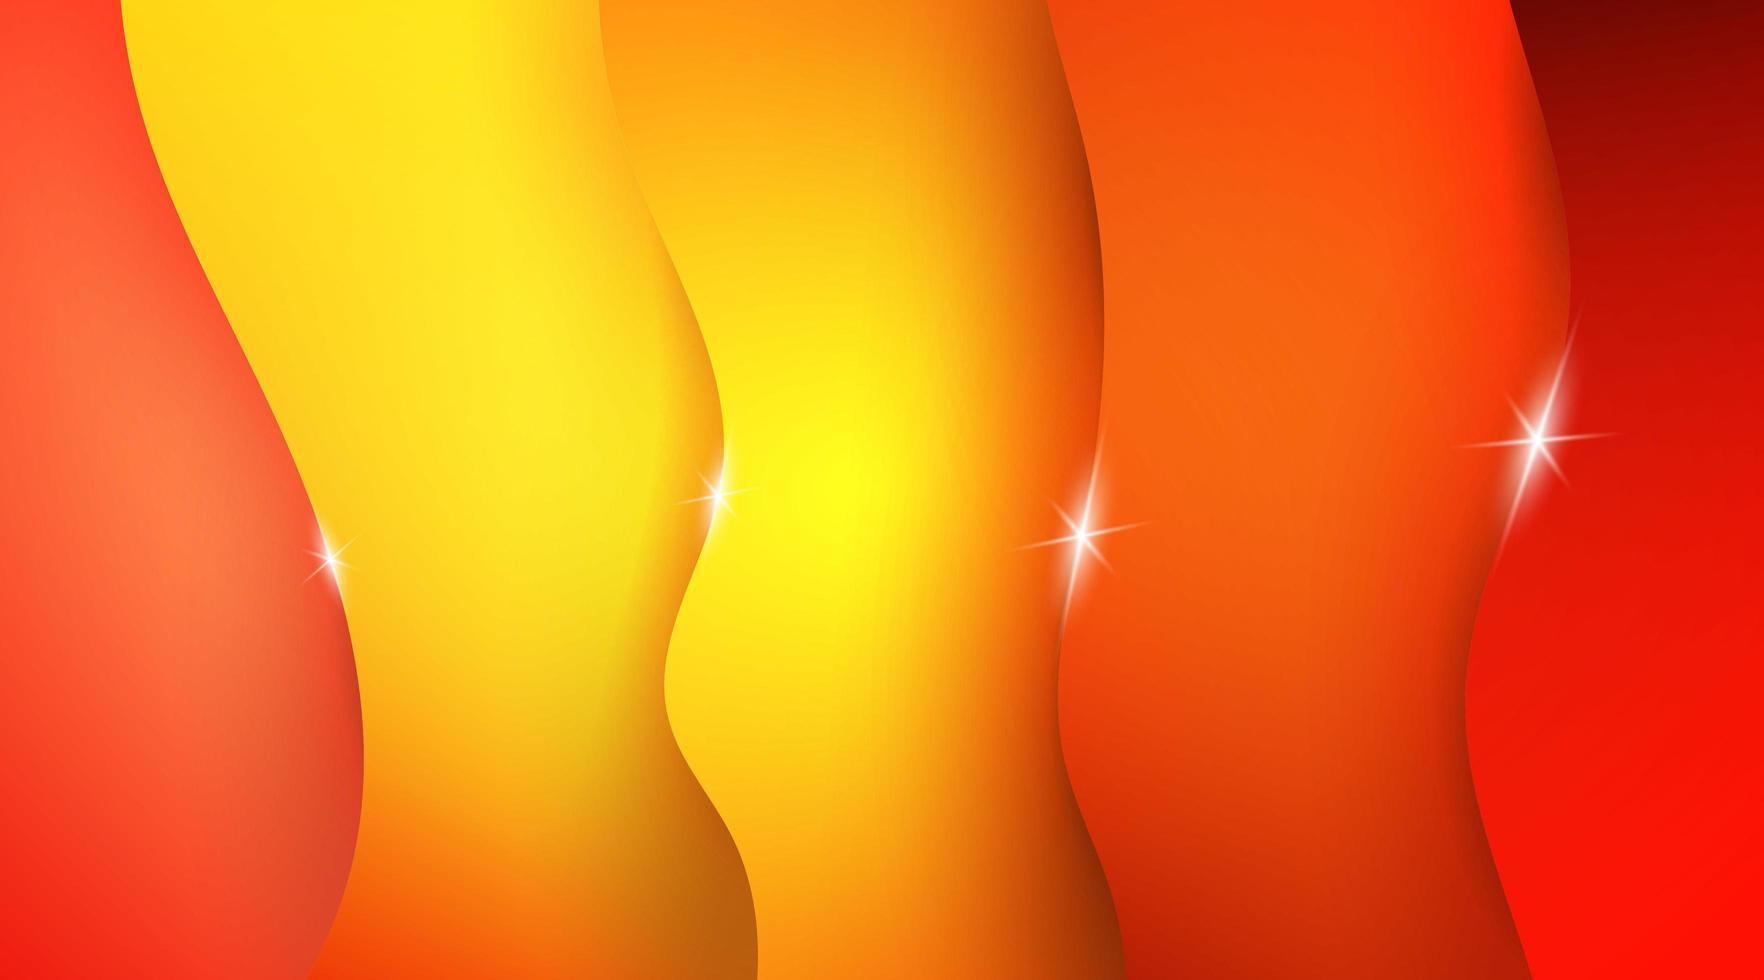 abstrakter orange und gelber Wellenhintergrund vektor